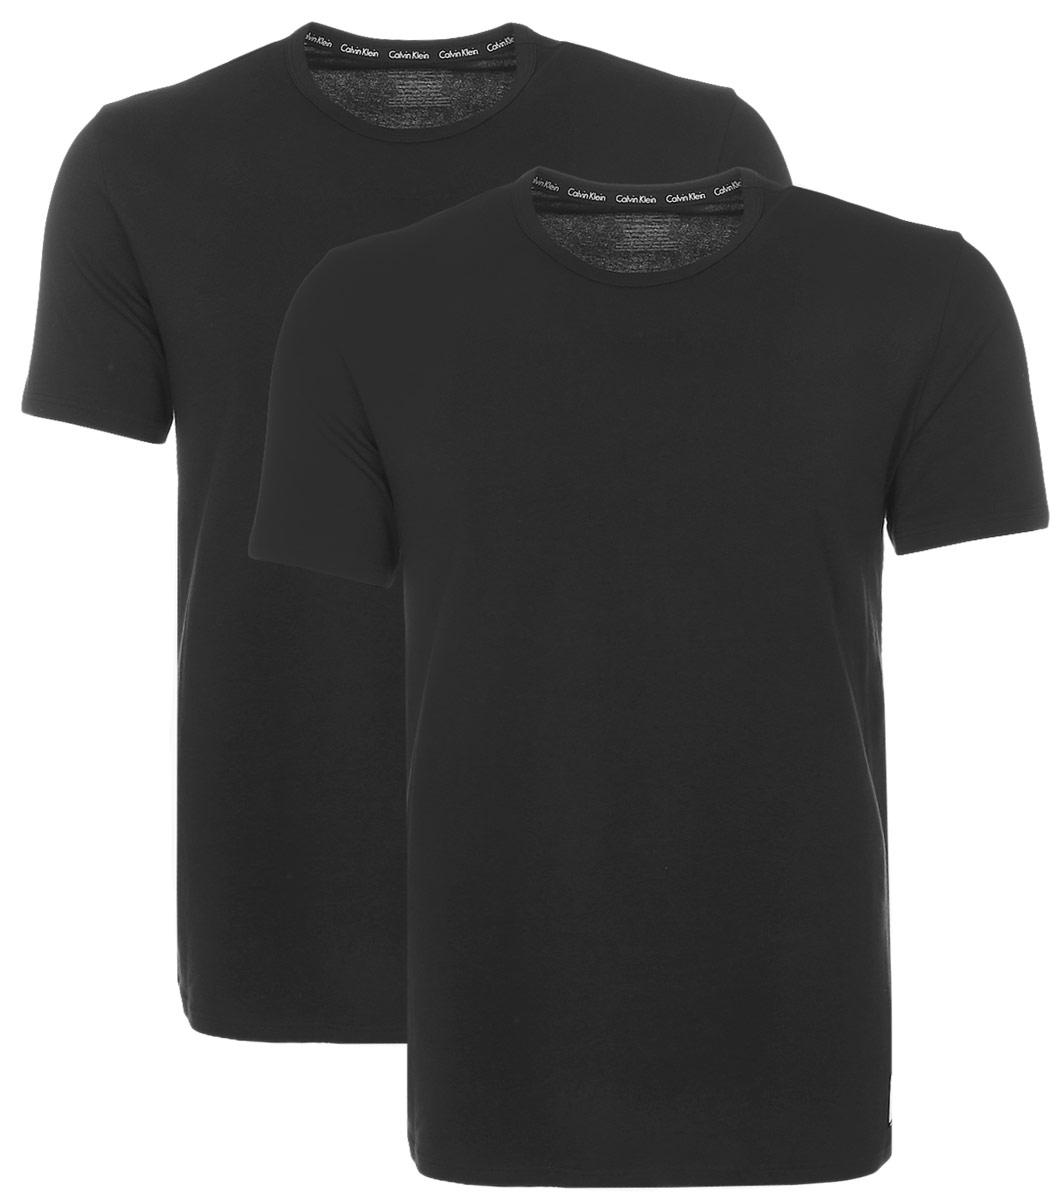 Футболка для дома мужская Calvin Klein Underwear, цвет: черный, 2 шт. NU8697A. Размер XL (52) трусы calvin klein underwear calvin klein underwear ca994ewrgc91